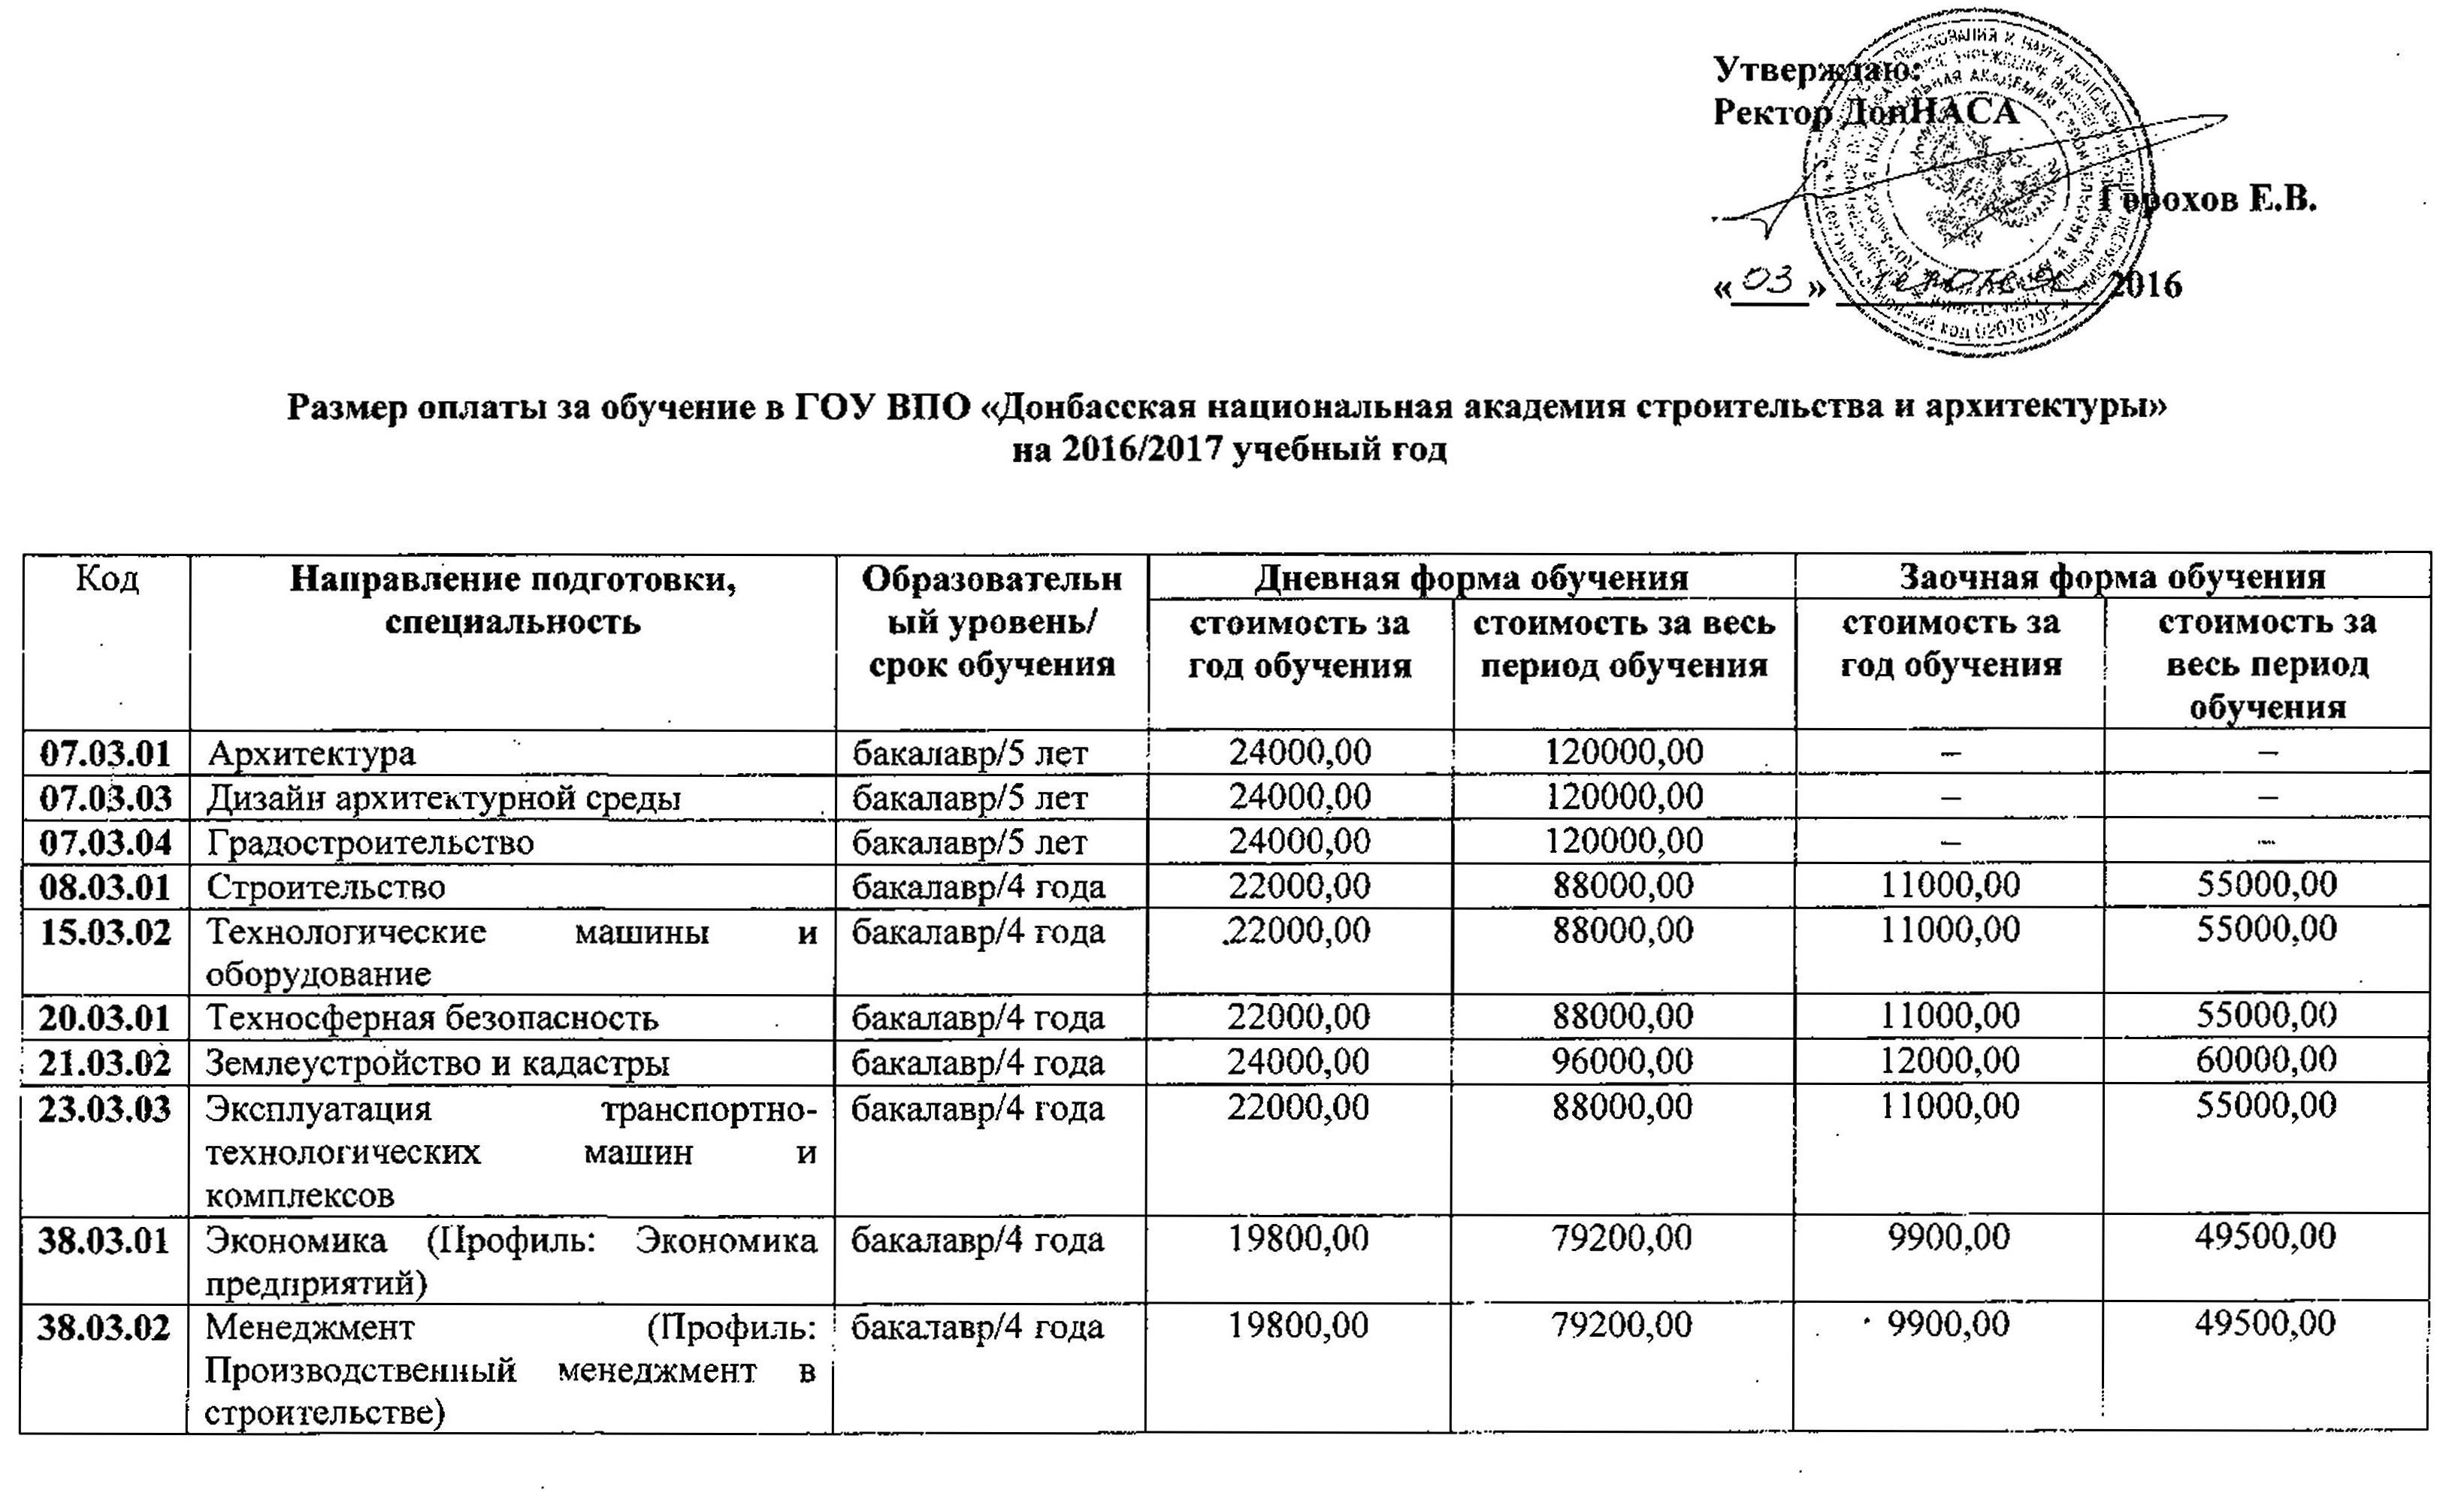 Декоративный диплом или сколько стоит обучение при ДНР   и республиканского диплома который нигде не котируется придется заплатить около 88 120 тысяч рублей за весь период 35 2 48 тысяч гривен